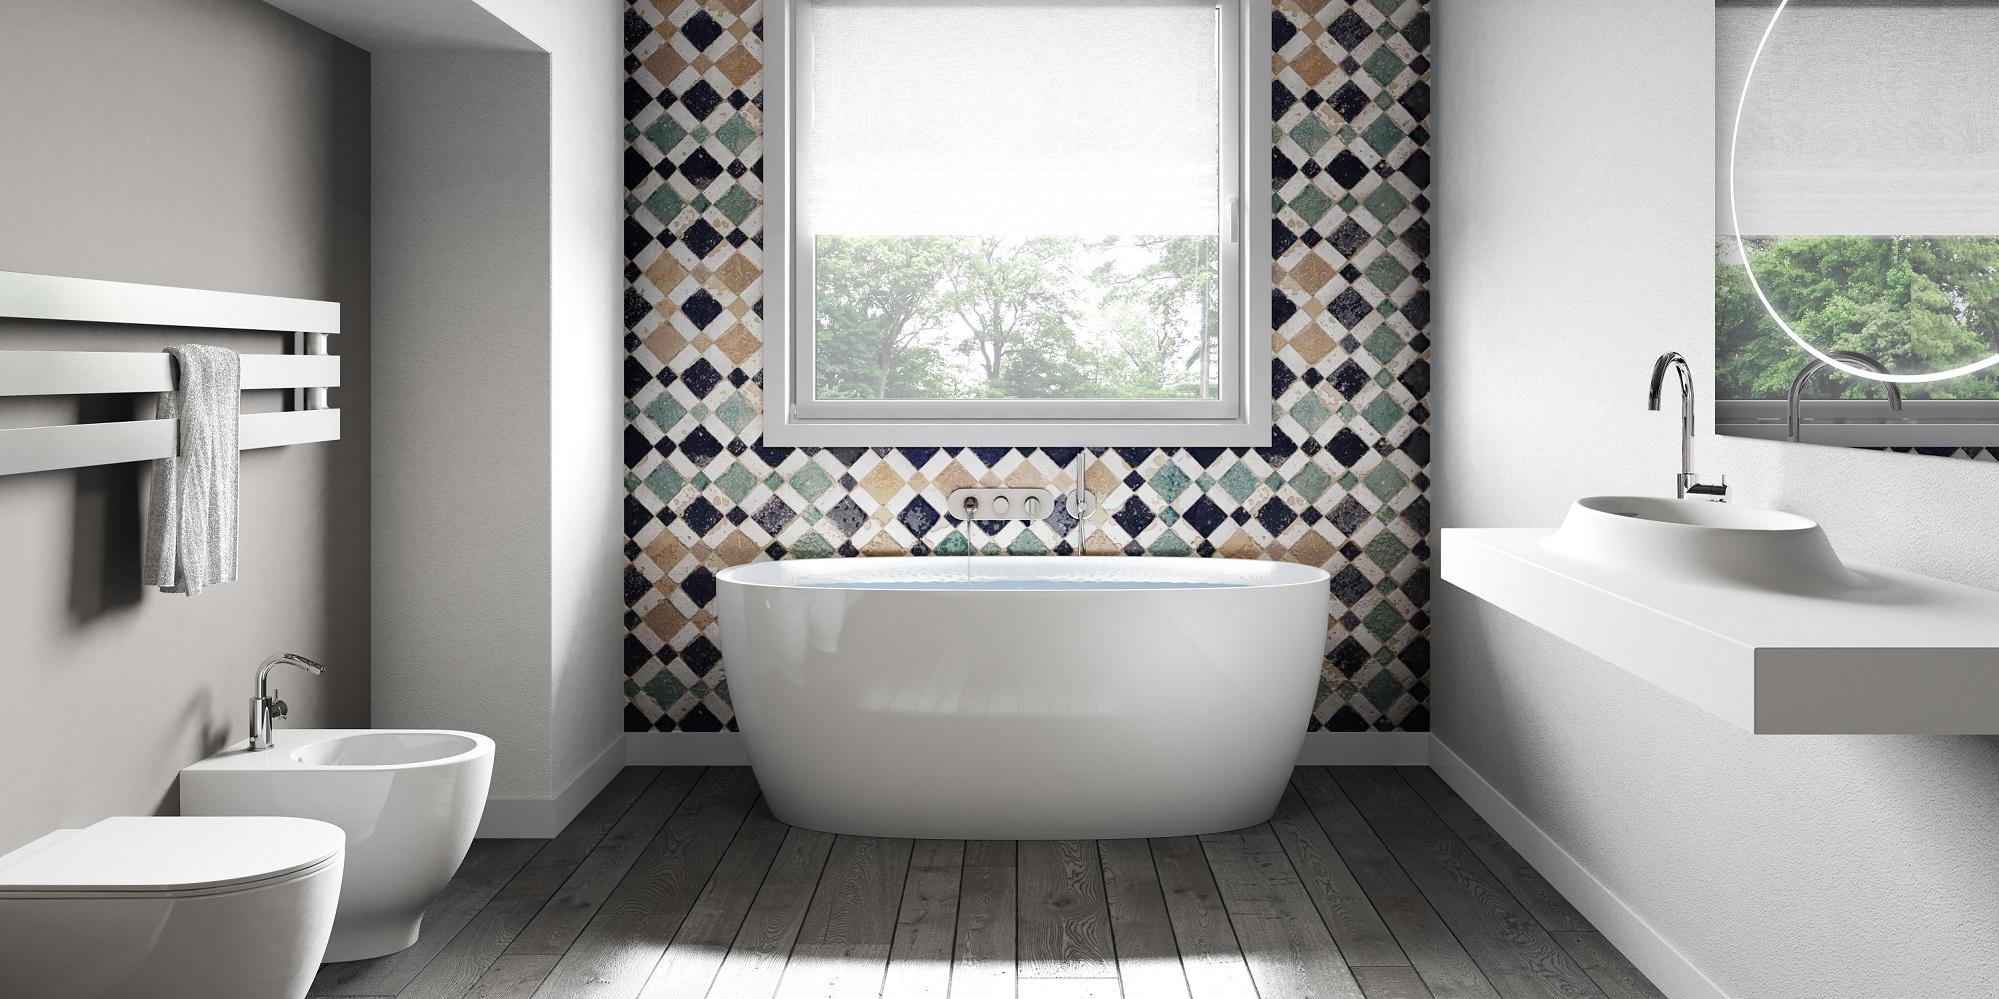 Vasca Da Bagno Quanti Litri Contiene : Attitude è La Nuova Vasca  #637457 1999 999 Sala Da Pranzo Stile Barocco Moderno